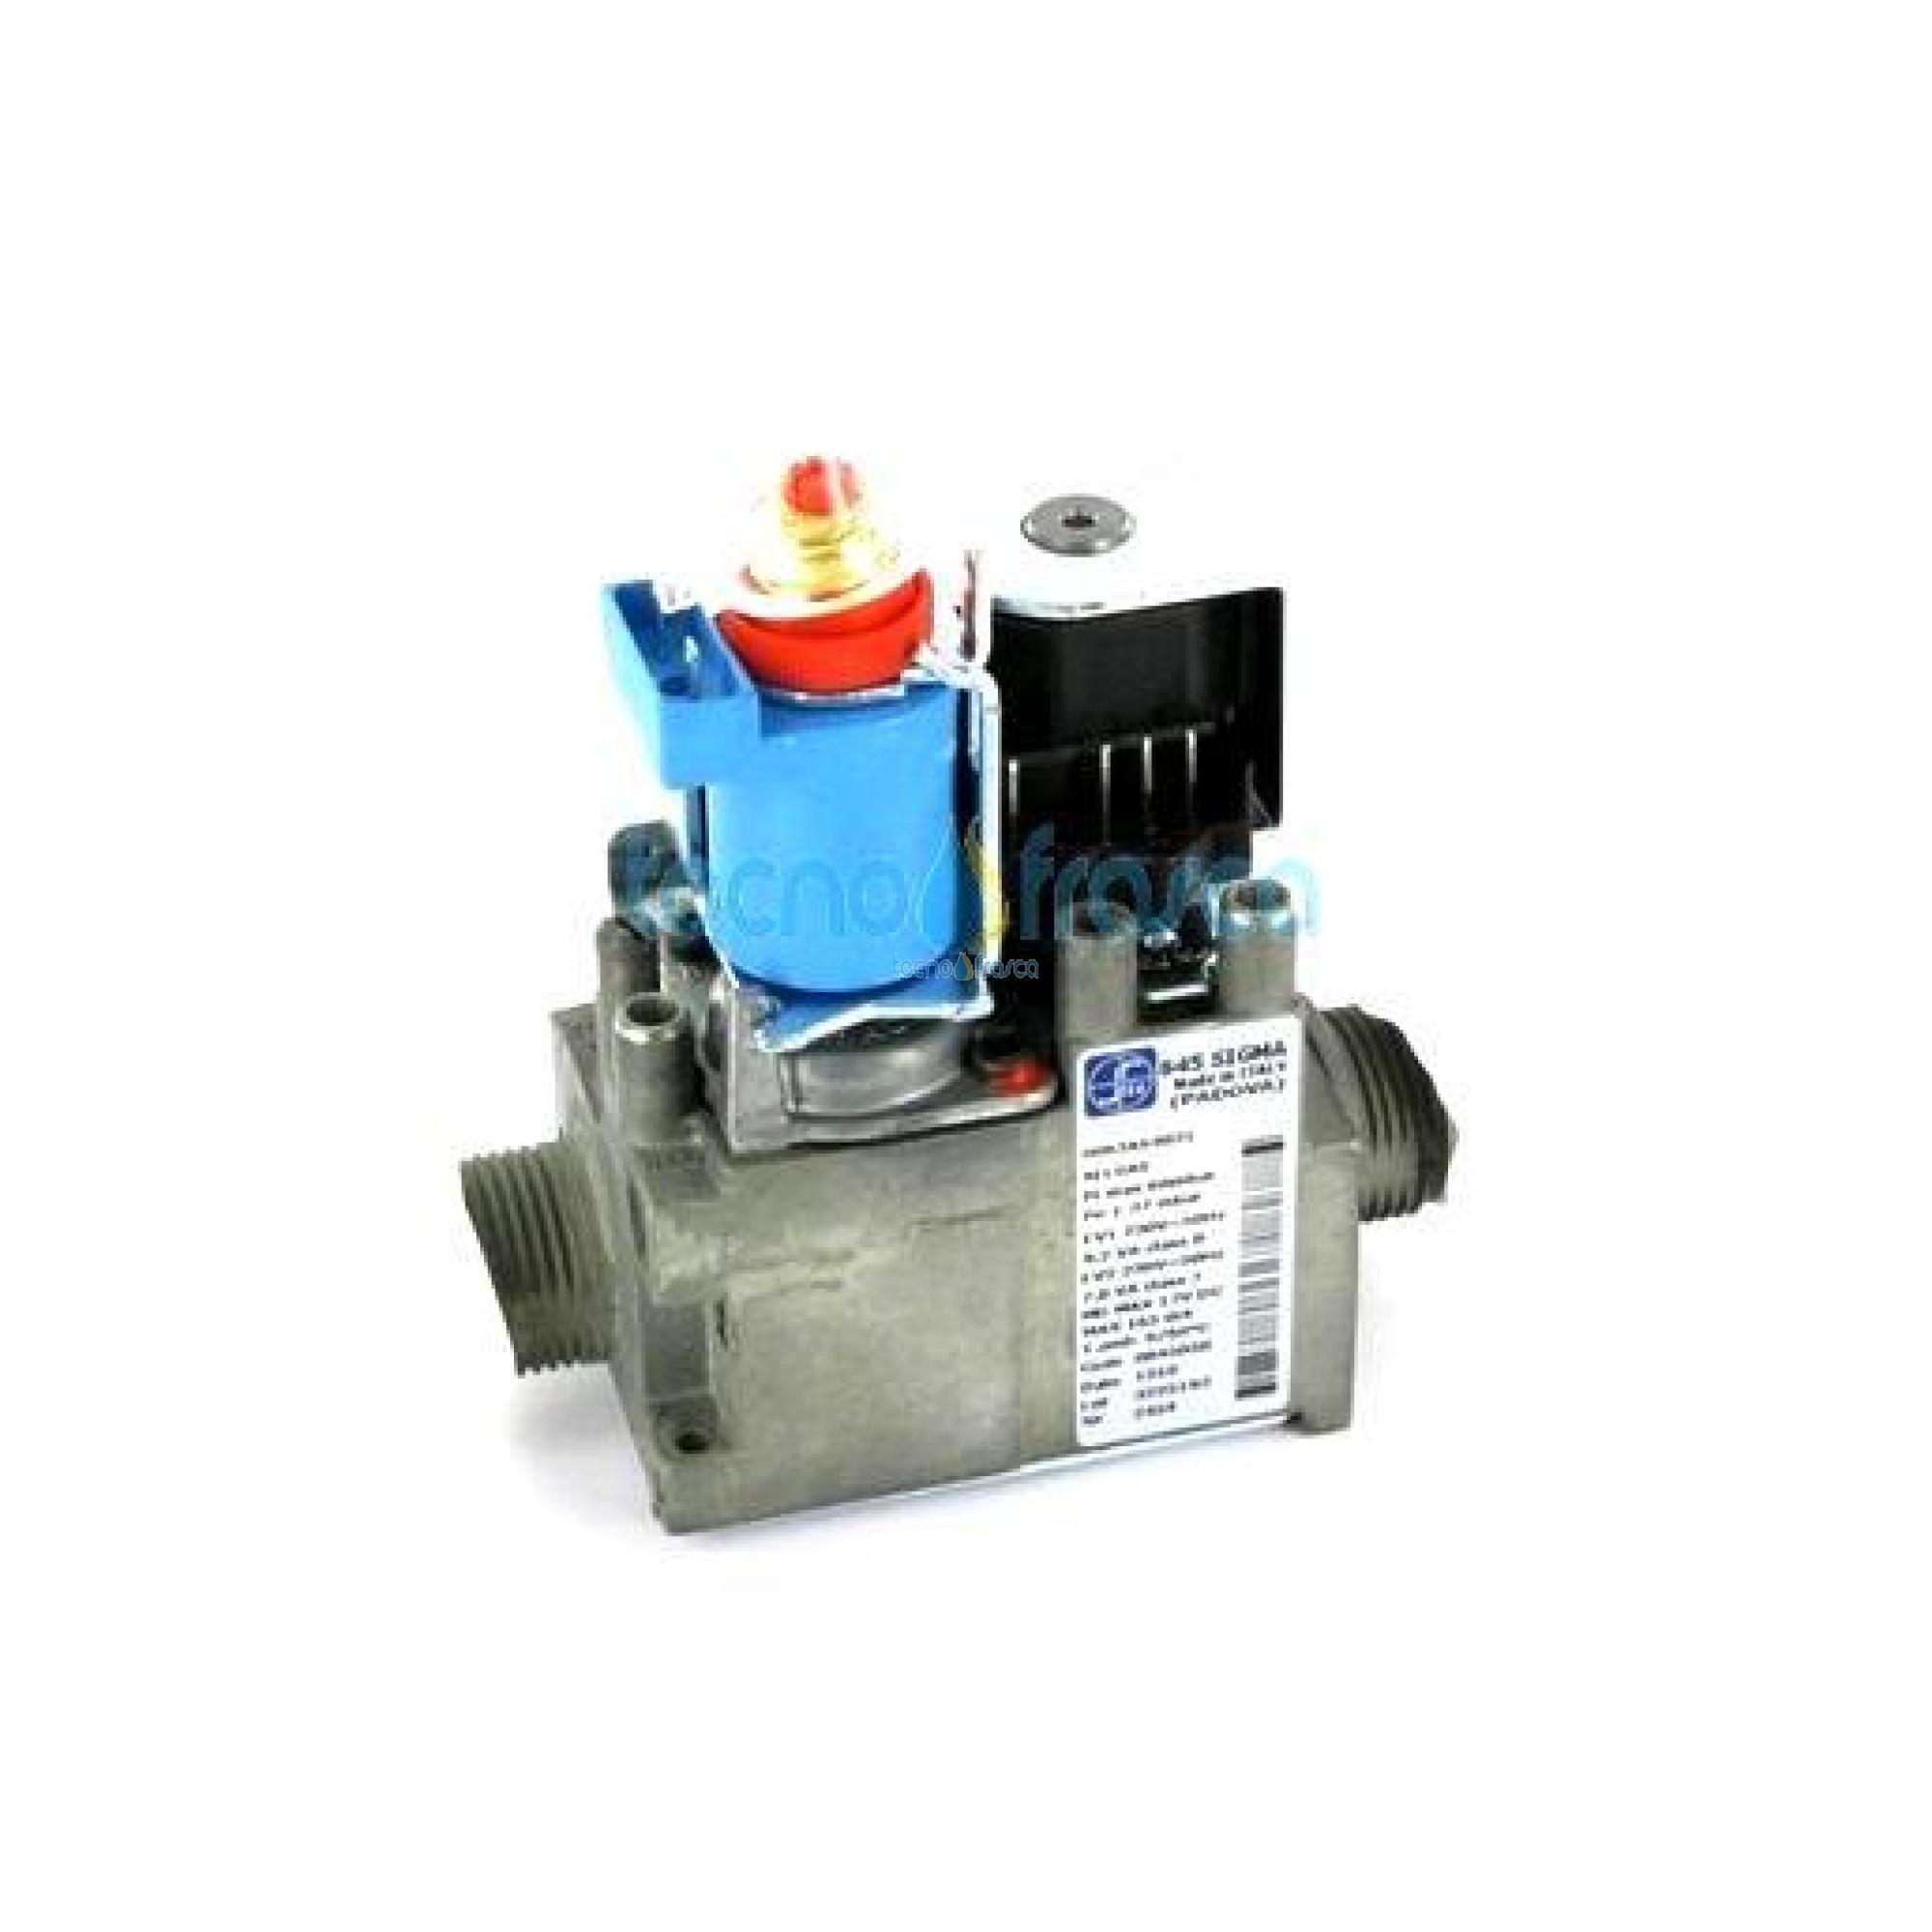 Ariston valvola gas sit 845 sigma 65100516